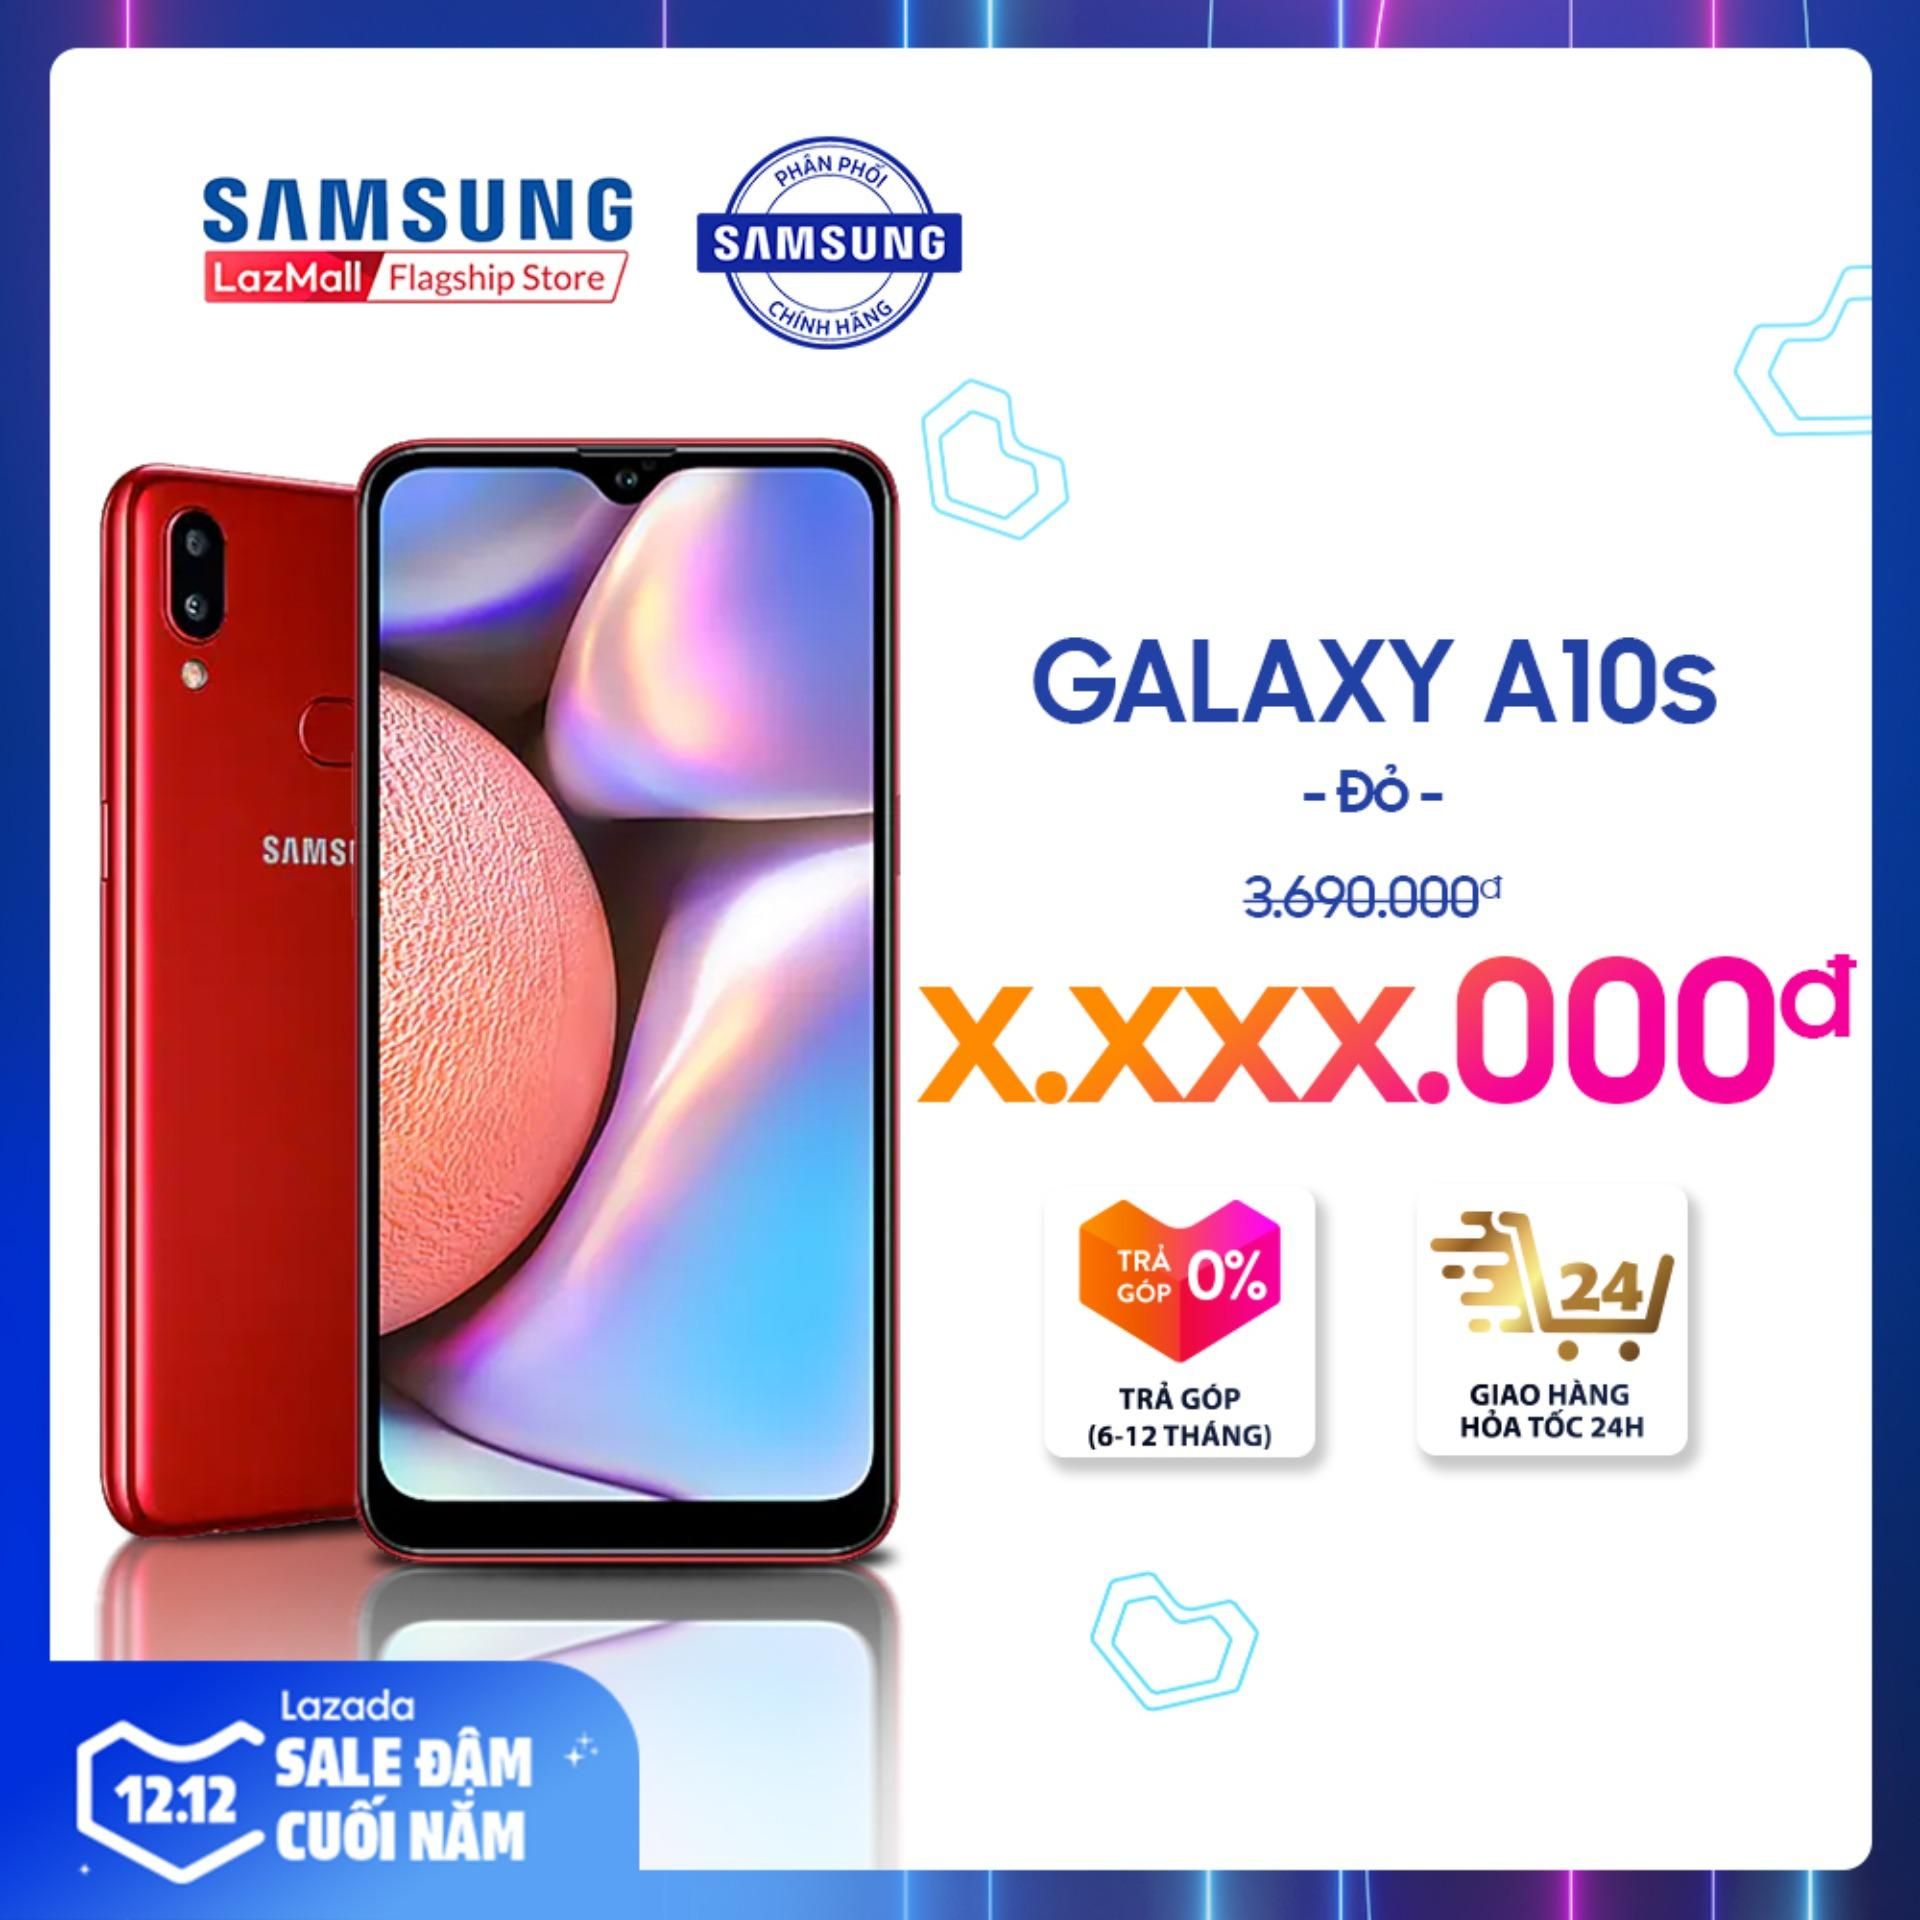 Samsung Galaxy A10s 32GB RAM2GB - Màn Hình Tràn Viền 6.2 + Công Nghệ Nhận Diện Khuôn Mặt + Cảm Biến Vân Tay Một Chạm Mặt Lưng + 2 Camera Sau + Pin 3500mAh - Hàng Phân Phối Chính Hãng Có Giá Tốt